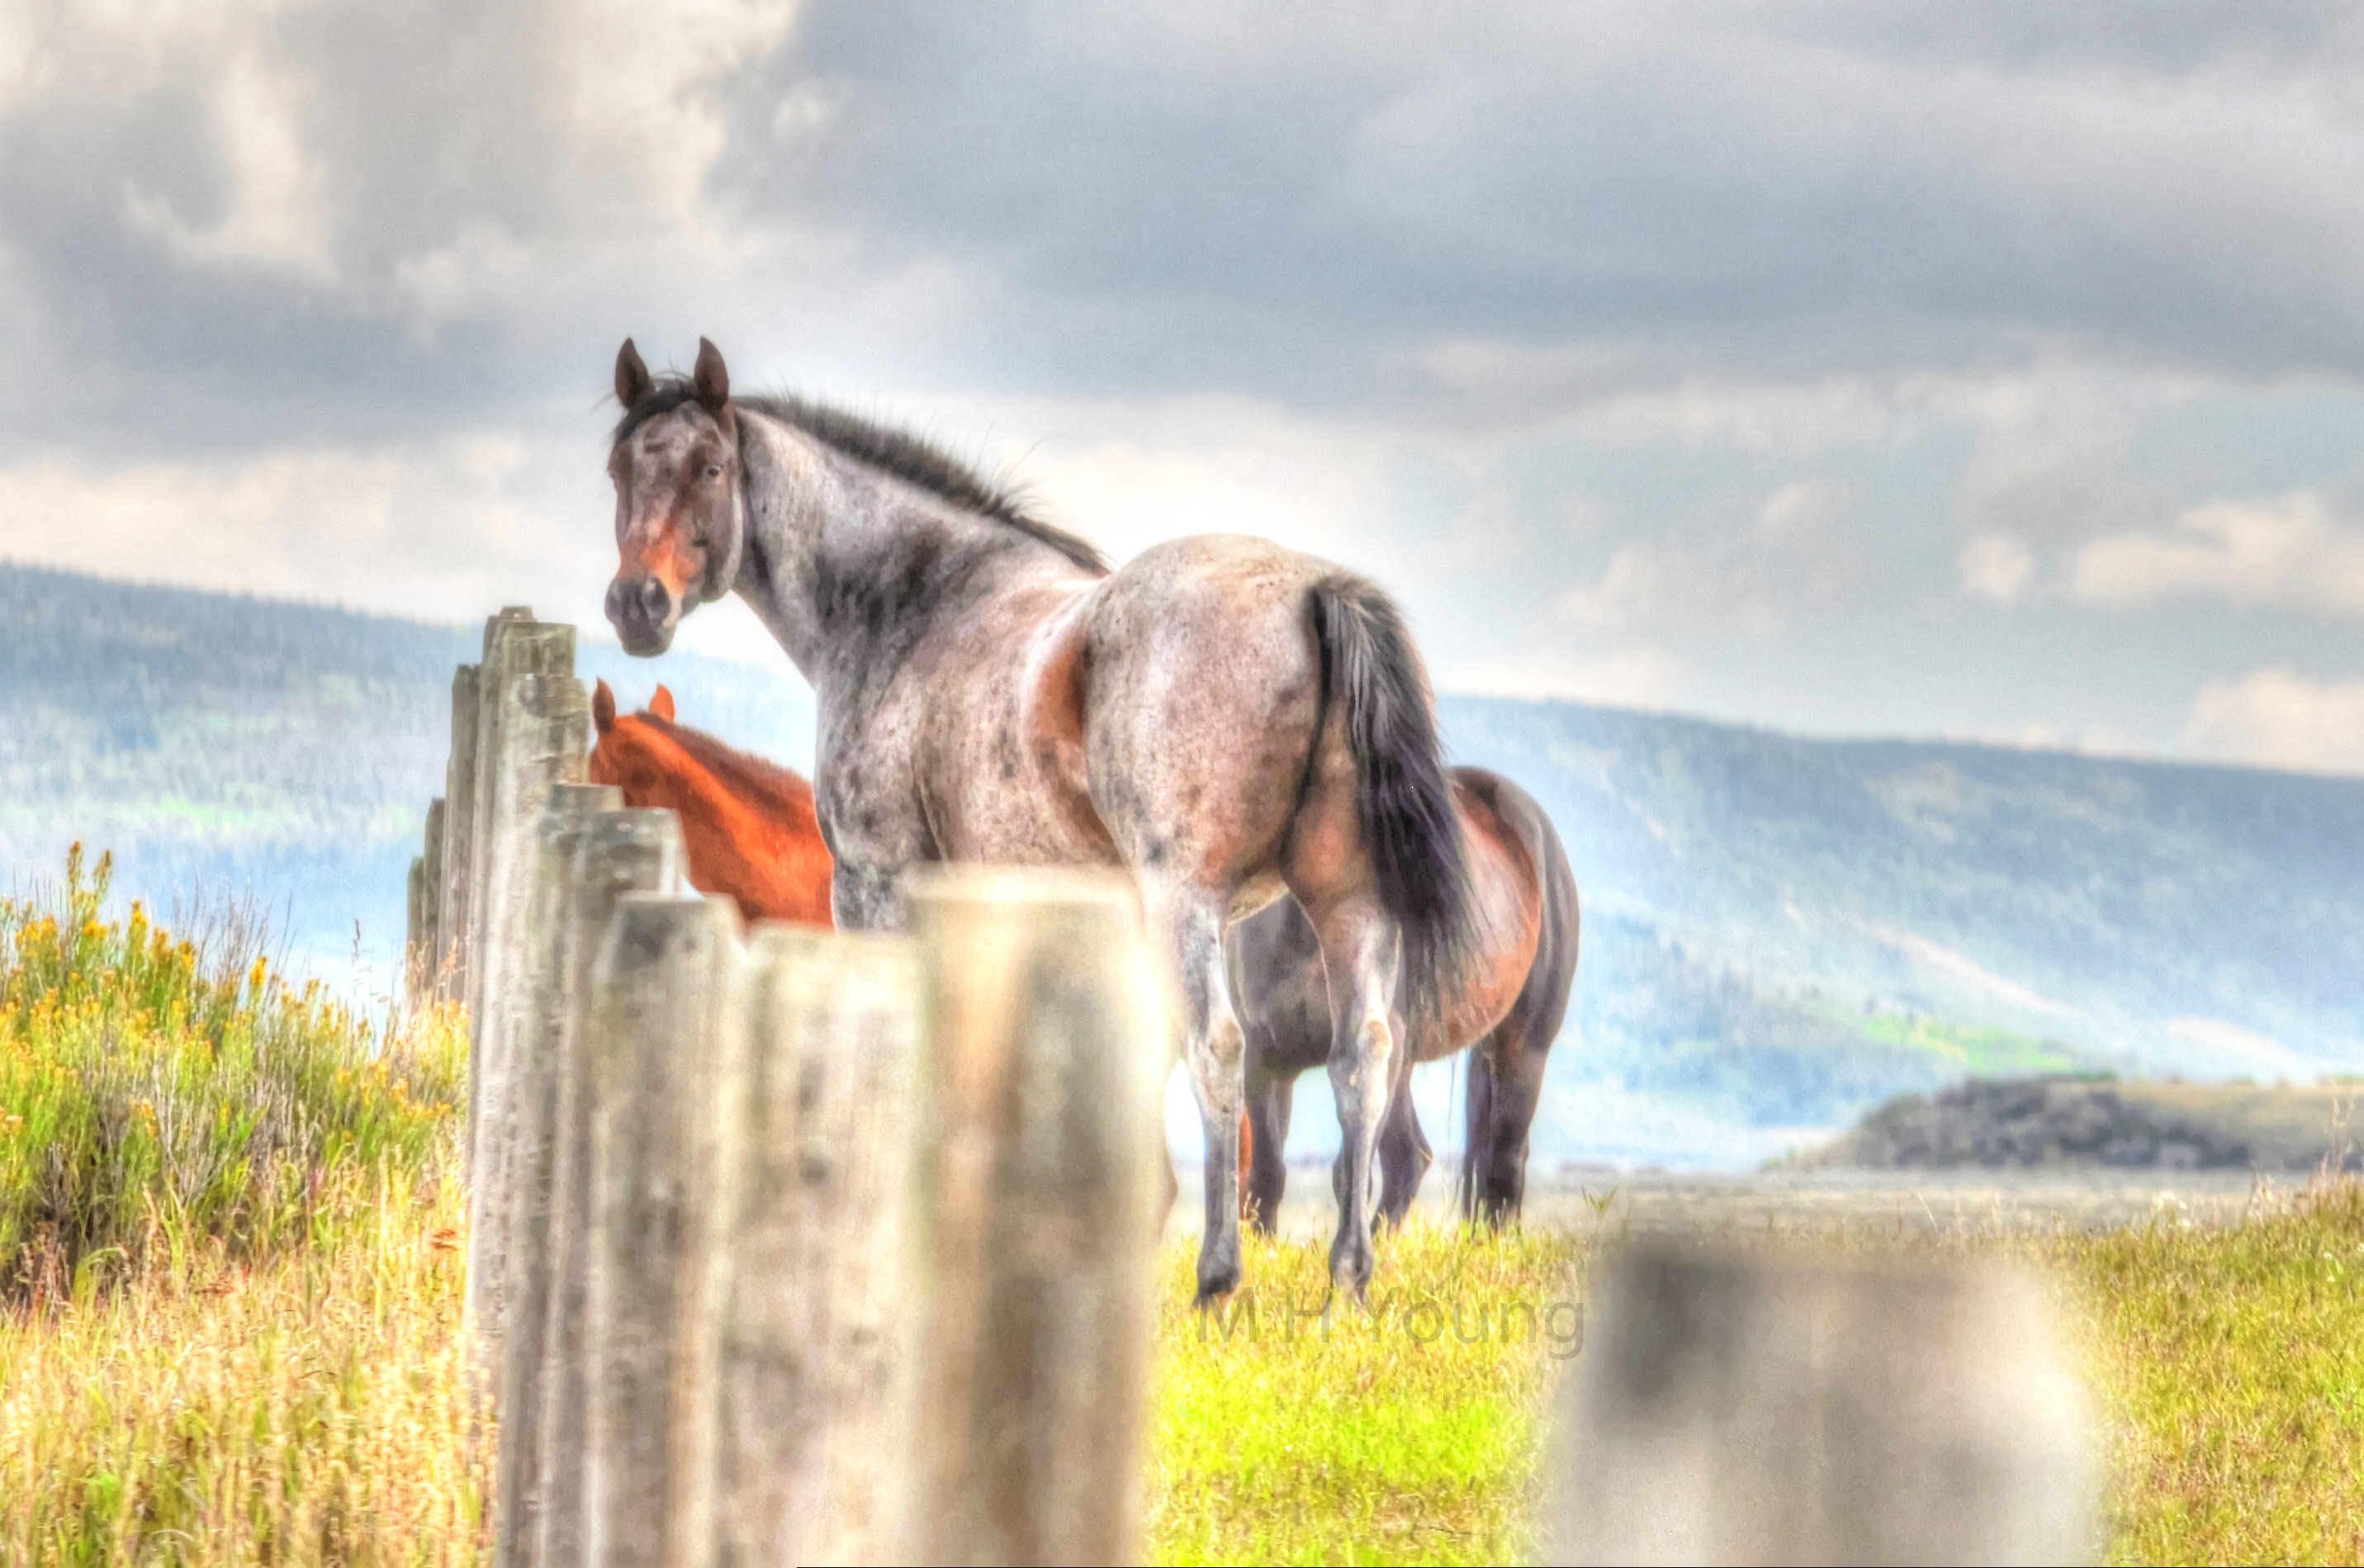 Horses ldi WM.jpg